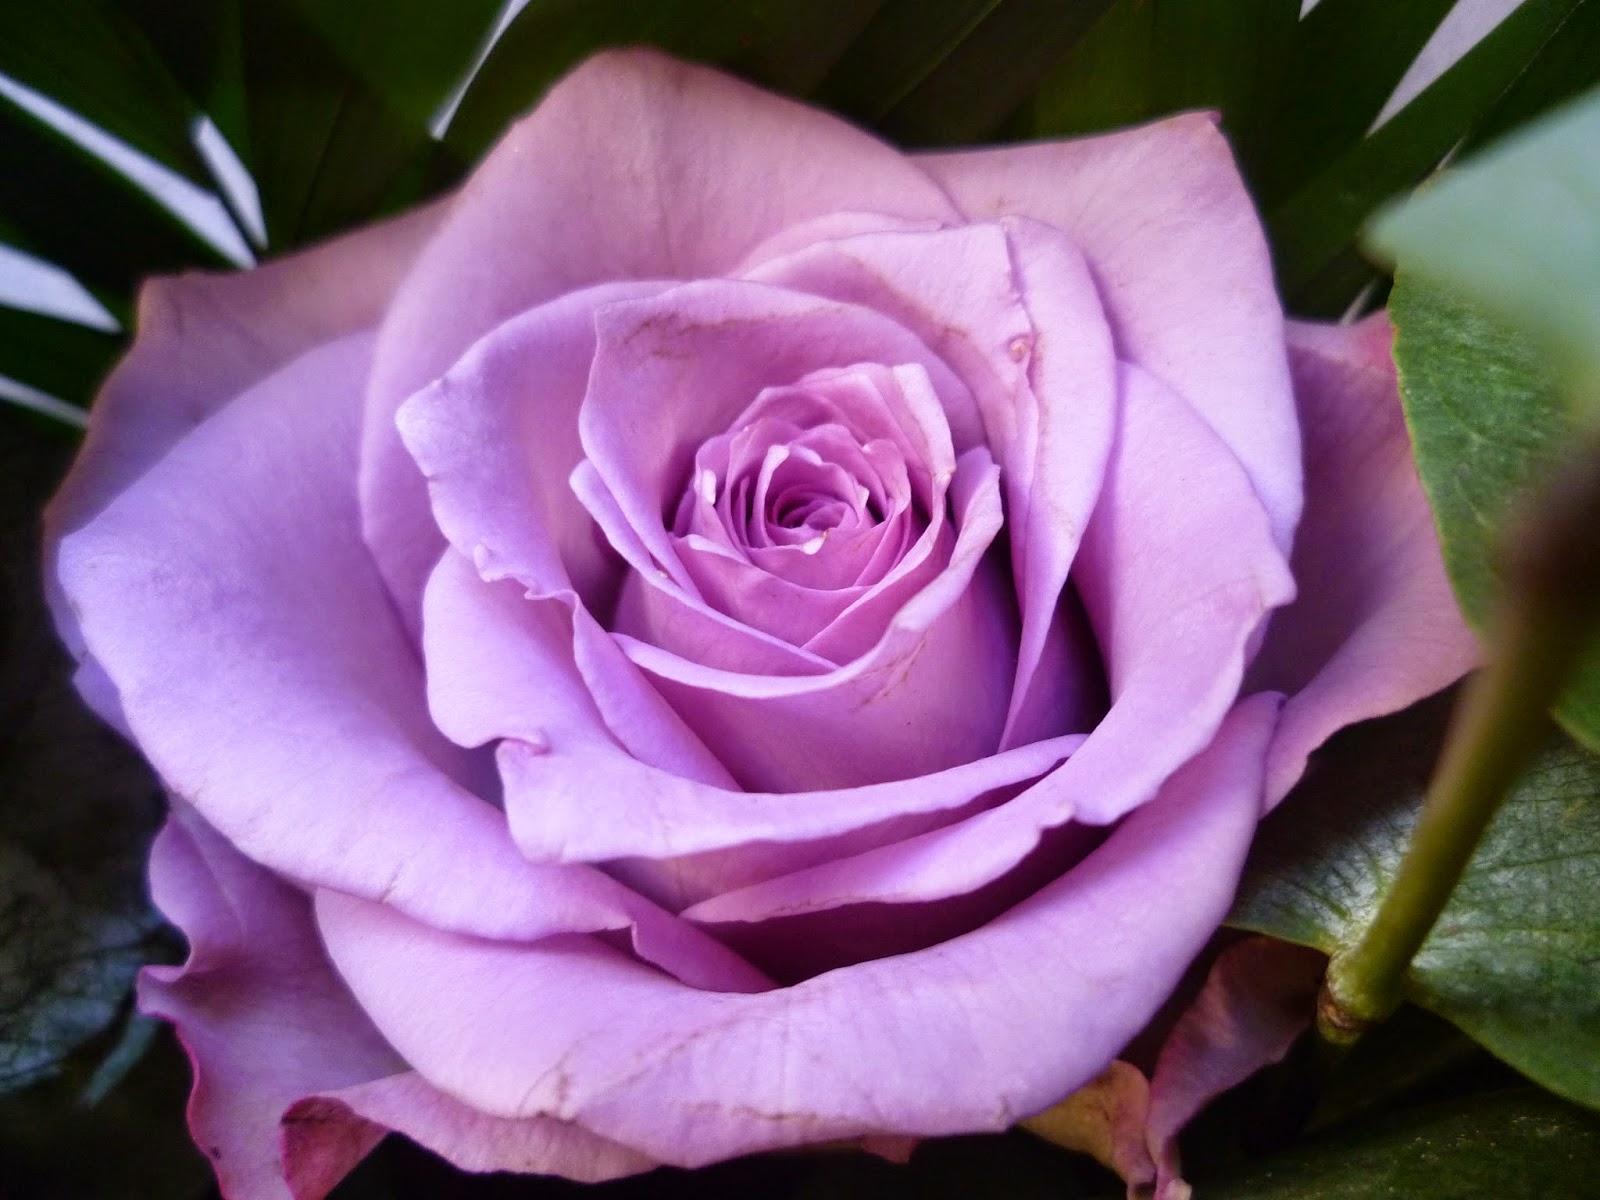 http://2.bp.blogspot.com/-Rb9s-I1D_hA/VQW00vJso-I/AAAAAAAAFD4/1knOBhvUO1s/s1600/P1050901.JPG